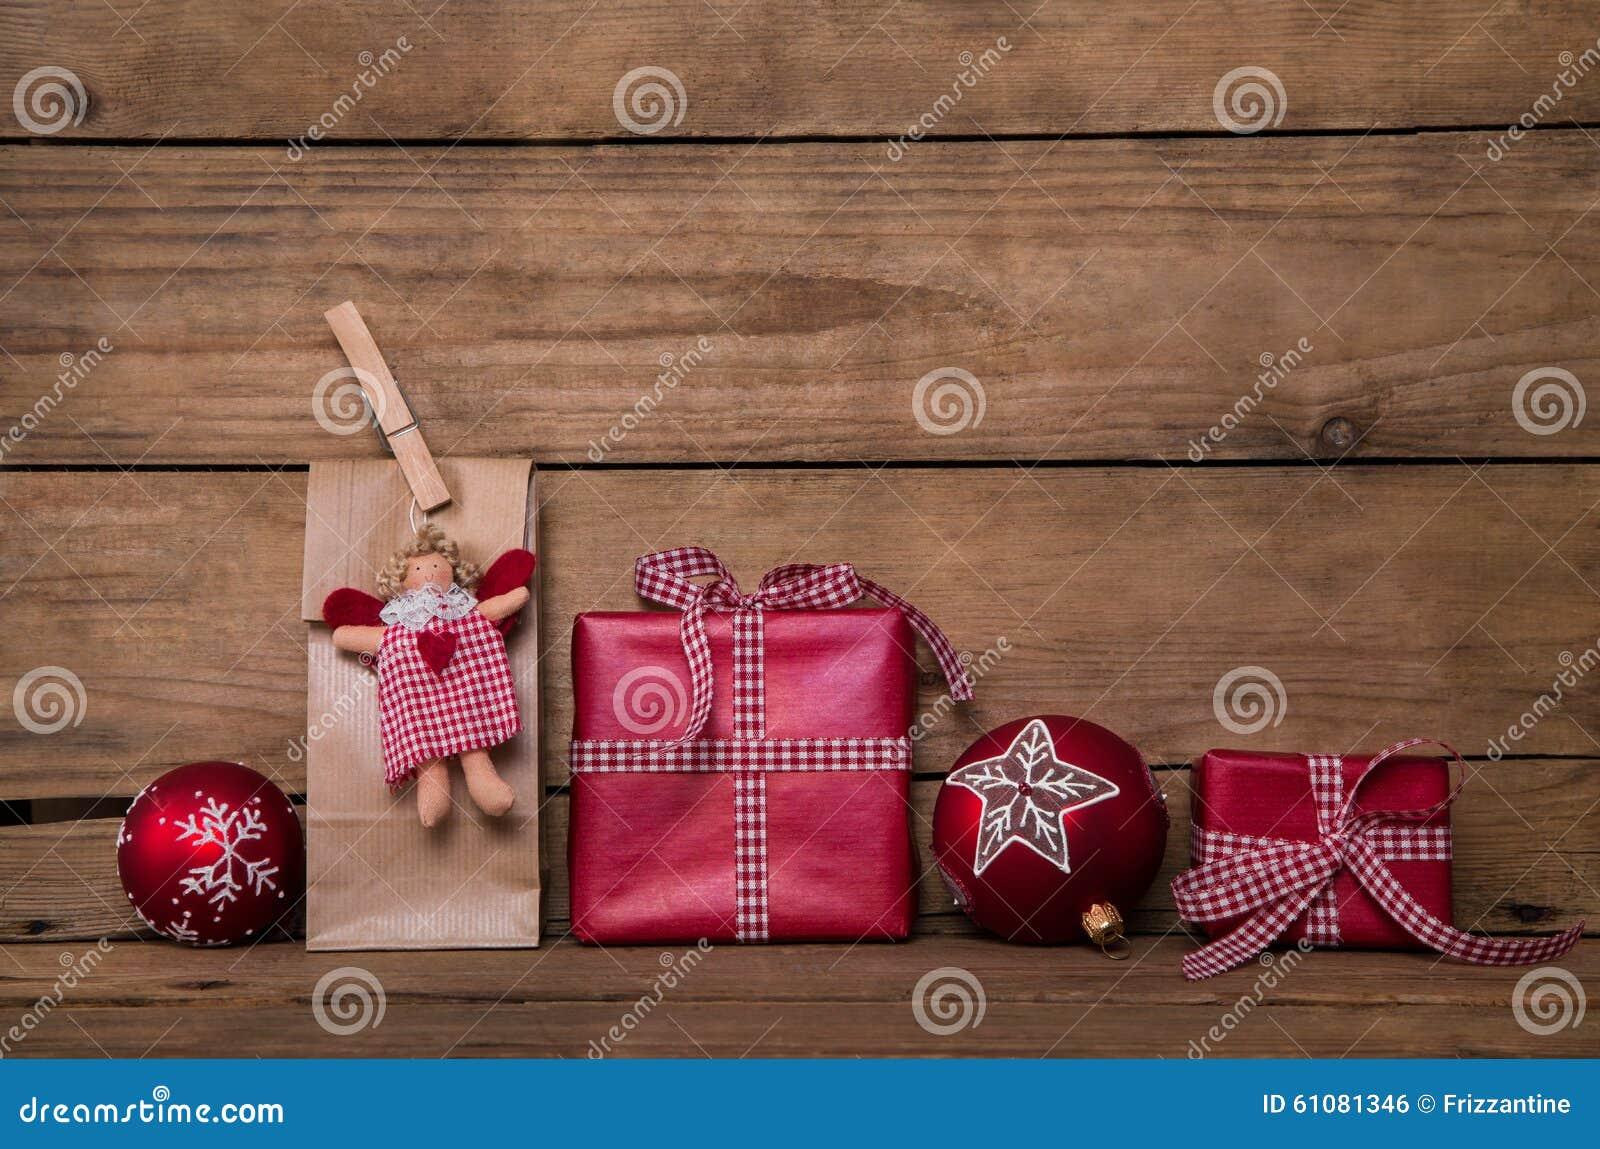 Weihnachtsgeschenke Auf Hölzernem Hintergrund Mit Engel Und Rotem ...